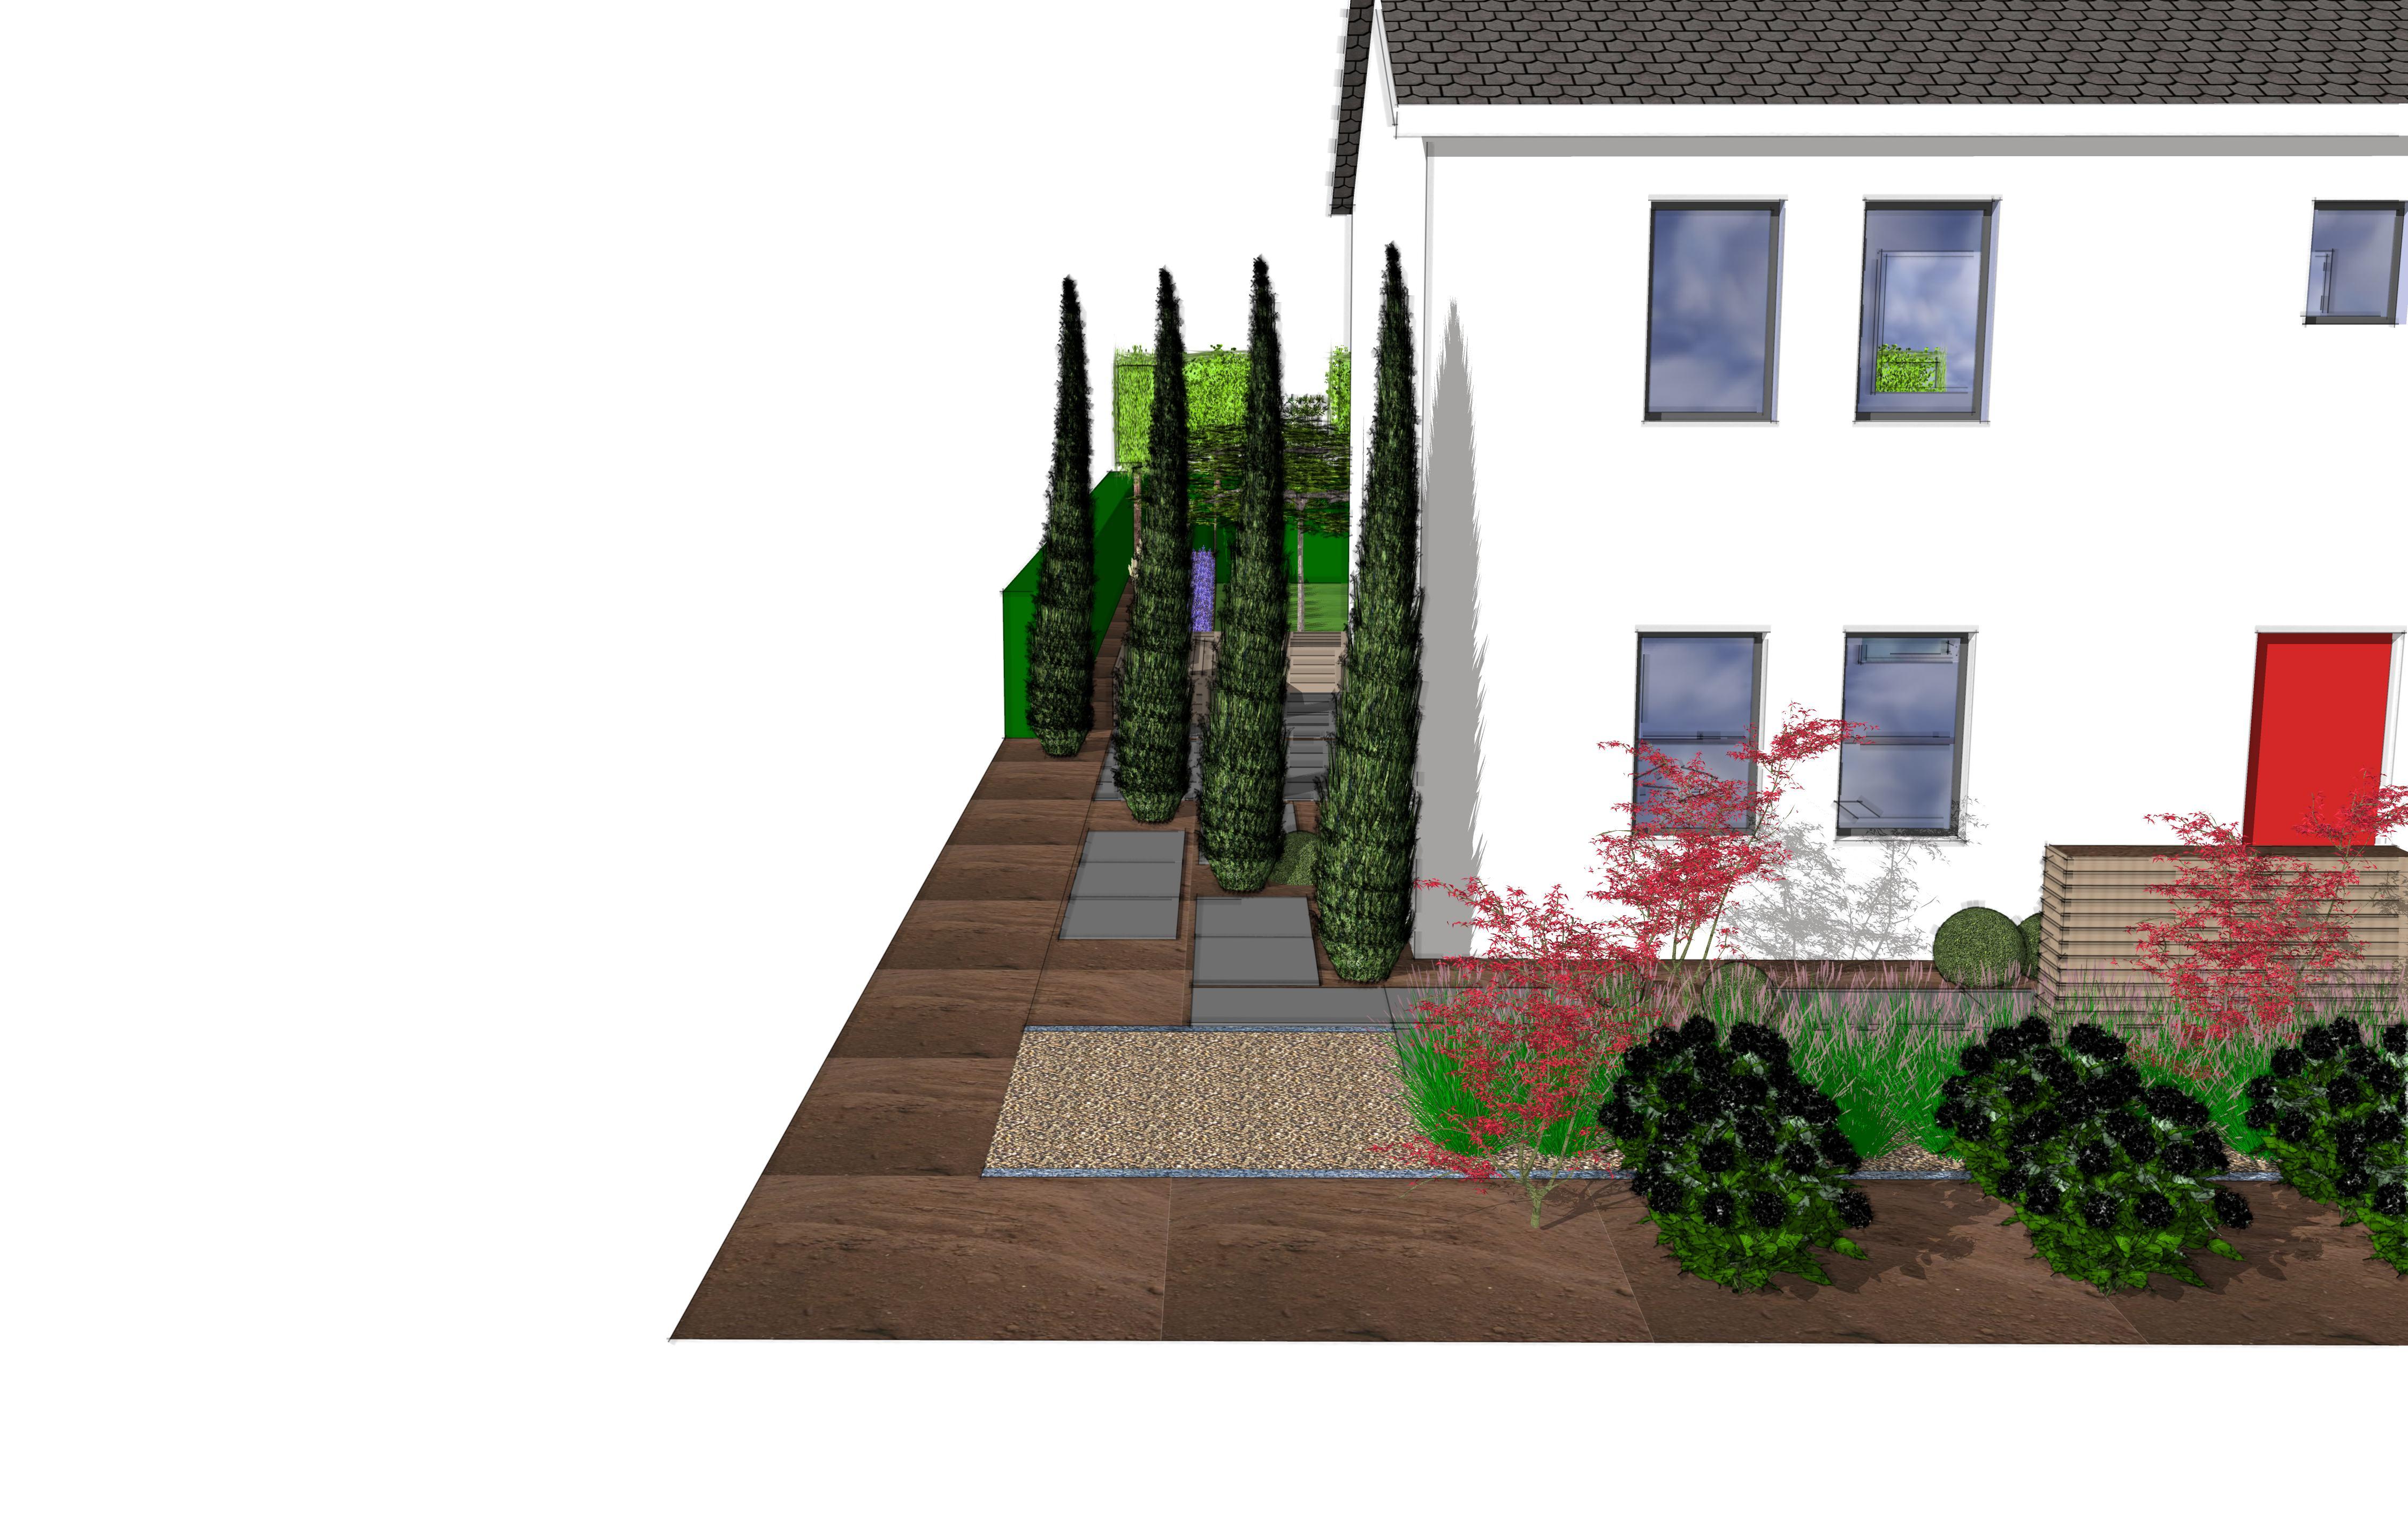 ansichtssache den ausblick sichern oder sicher sein vor. Black Bedroom Furniture Sets. Home Design Ideas